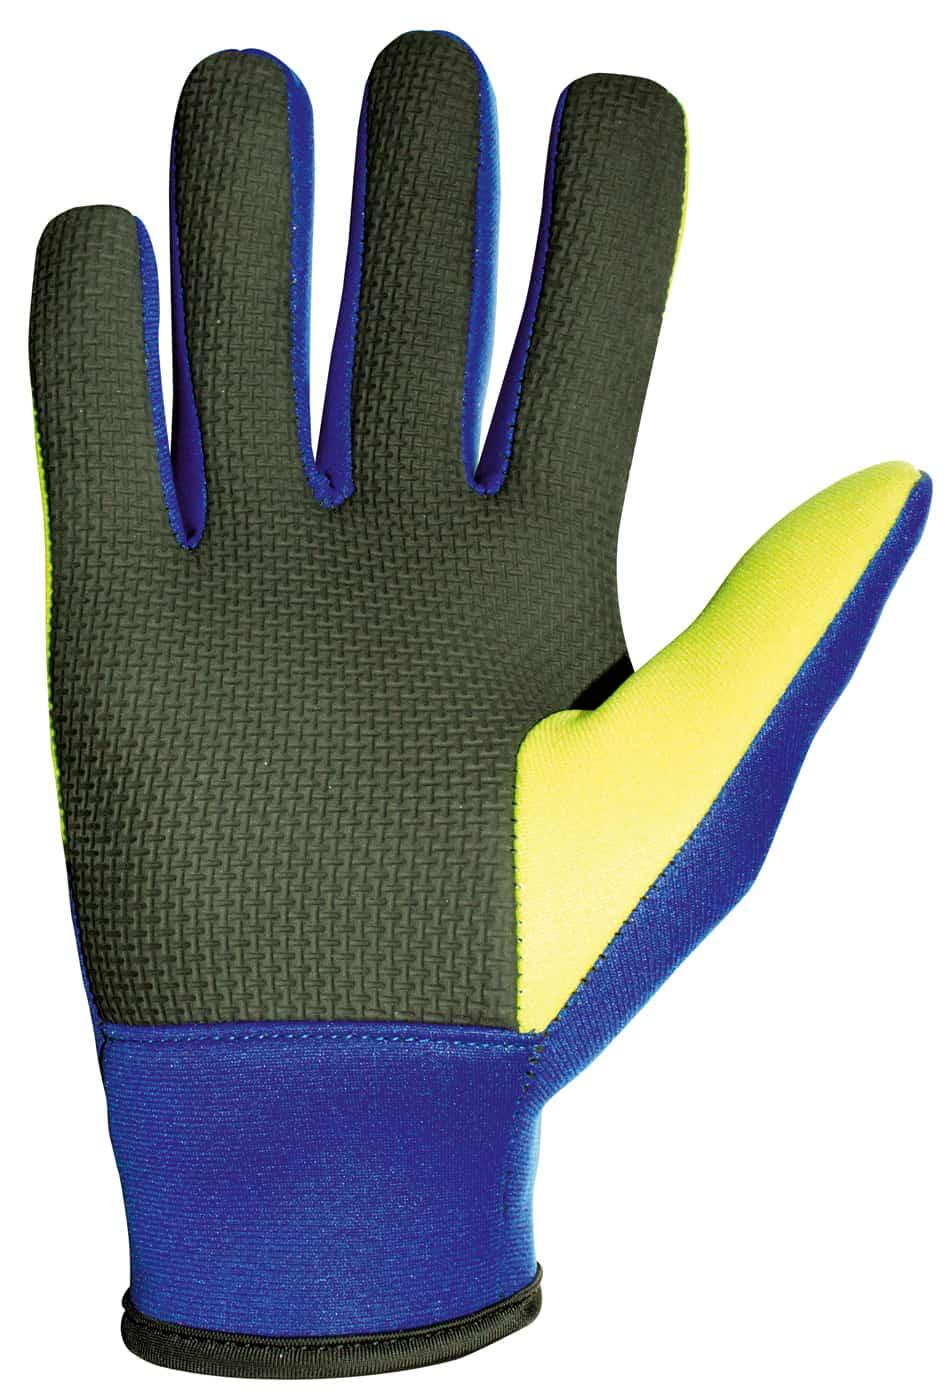 Damit die Hände beim Arbeiten am Wasser nicht kalt werden, bieten sich spezielle Teichhandschuhe an.